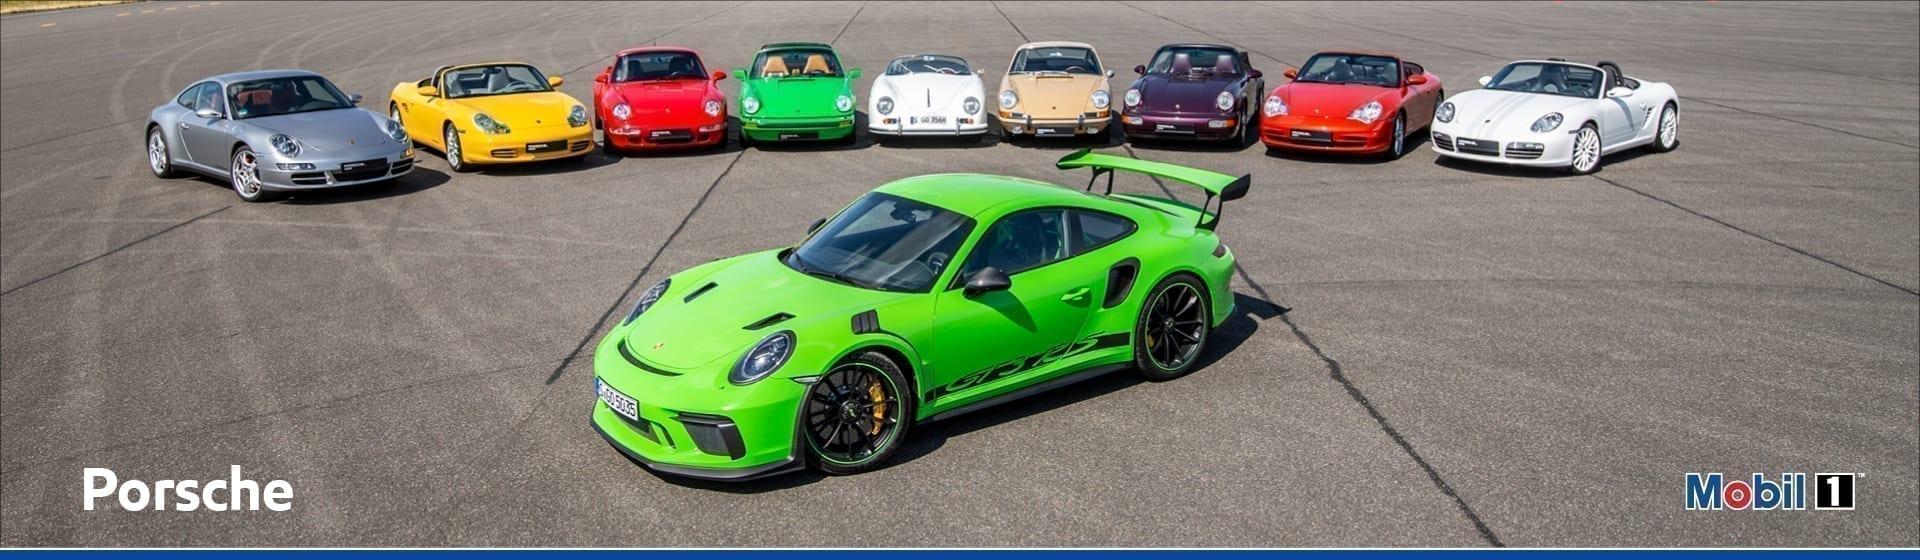 M1 - Web_Heroes-2020_Porsche